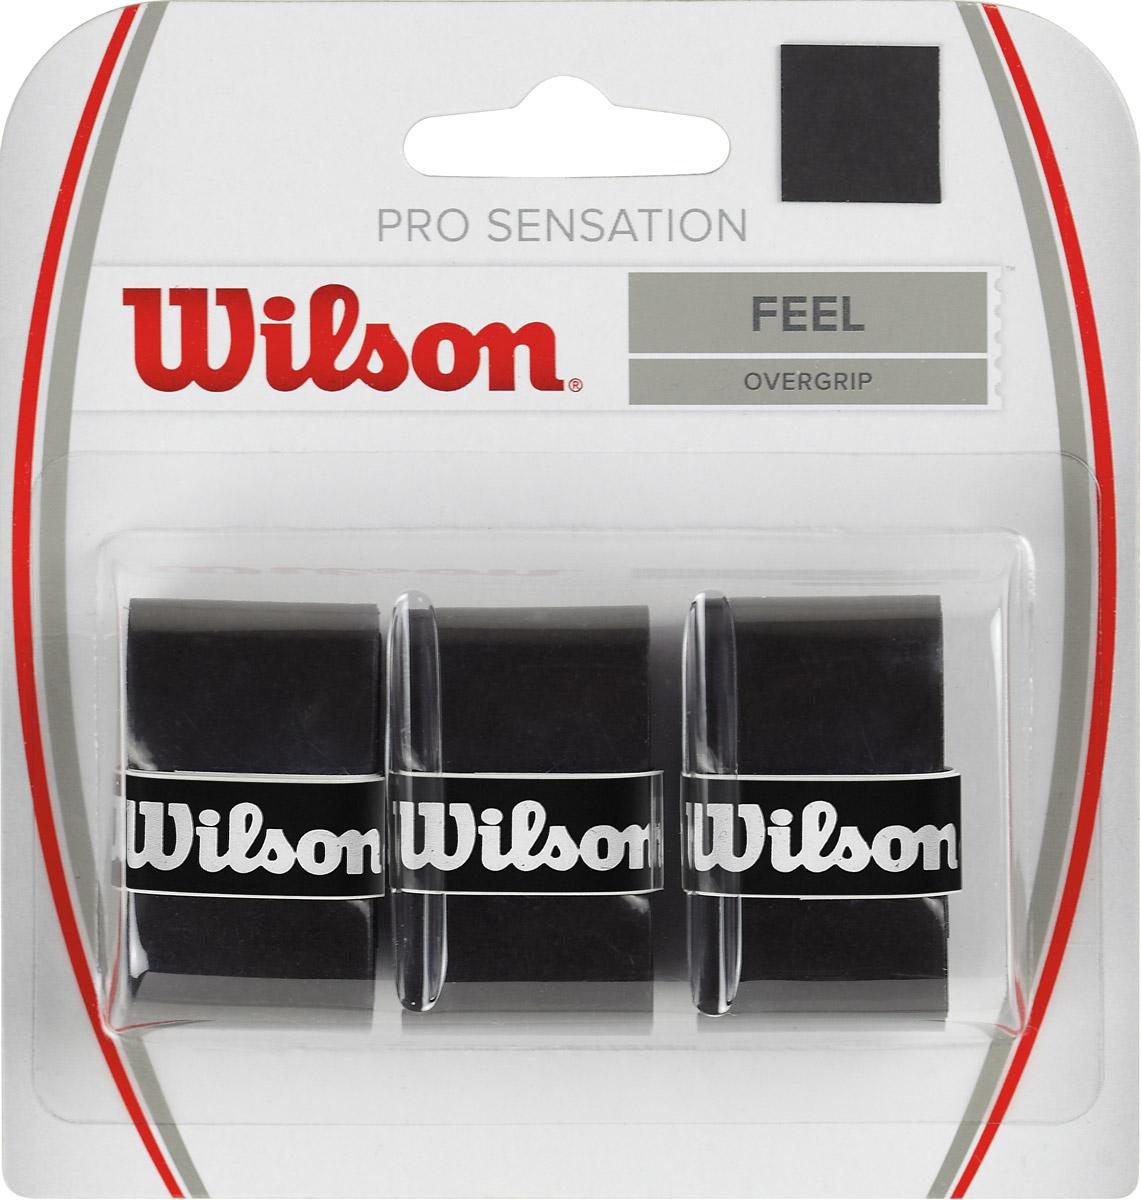 Намотка Wilson Pro Sensation, цвет: черный, 3 штWRZ4010BKНамотка Wilson Pro Sensation - самый тонкий грип в линейке Wilson. Он позволяет ощутить максимальный контроль ракетки, не увеличивая толщину ручки ракетки.